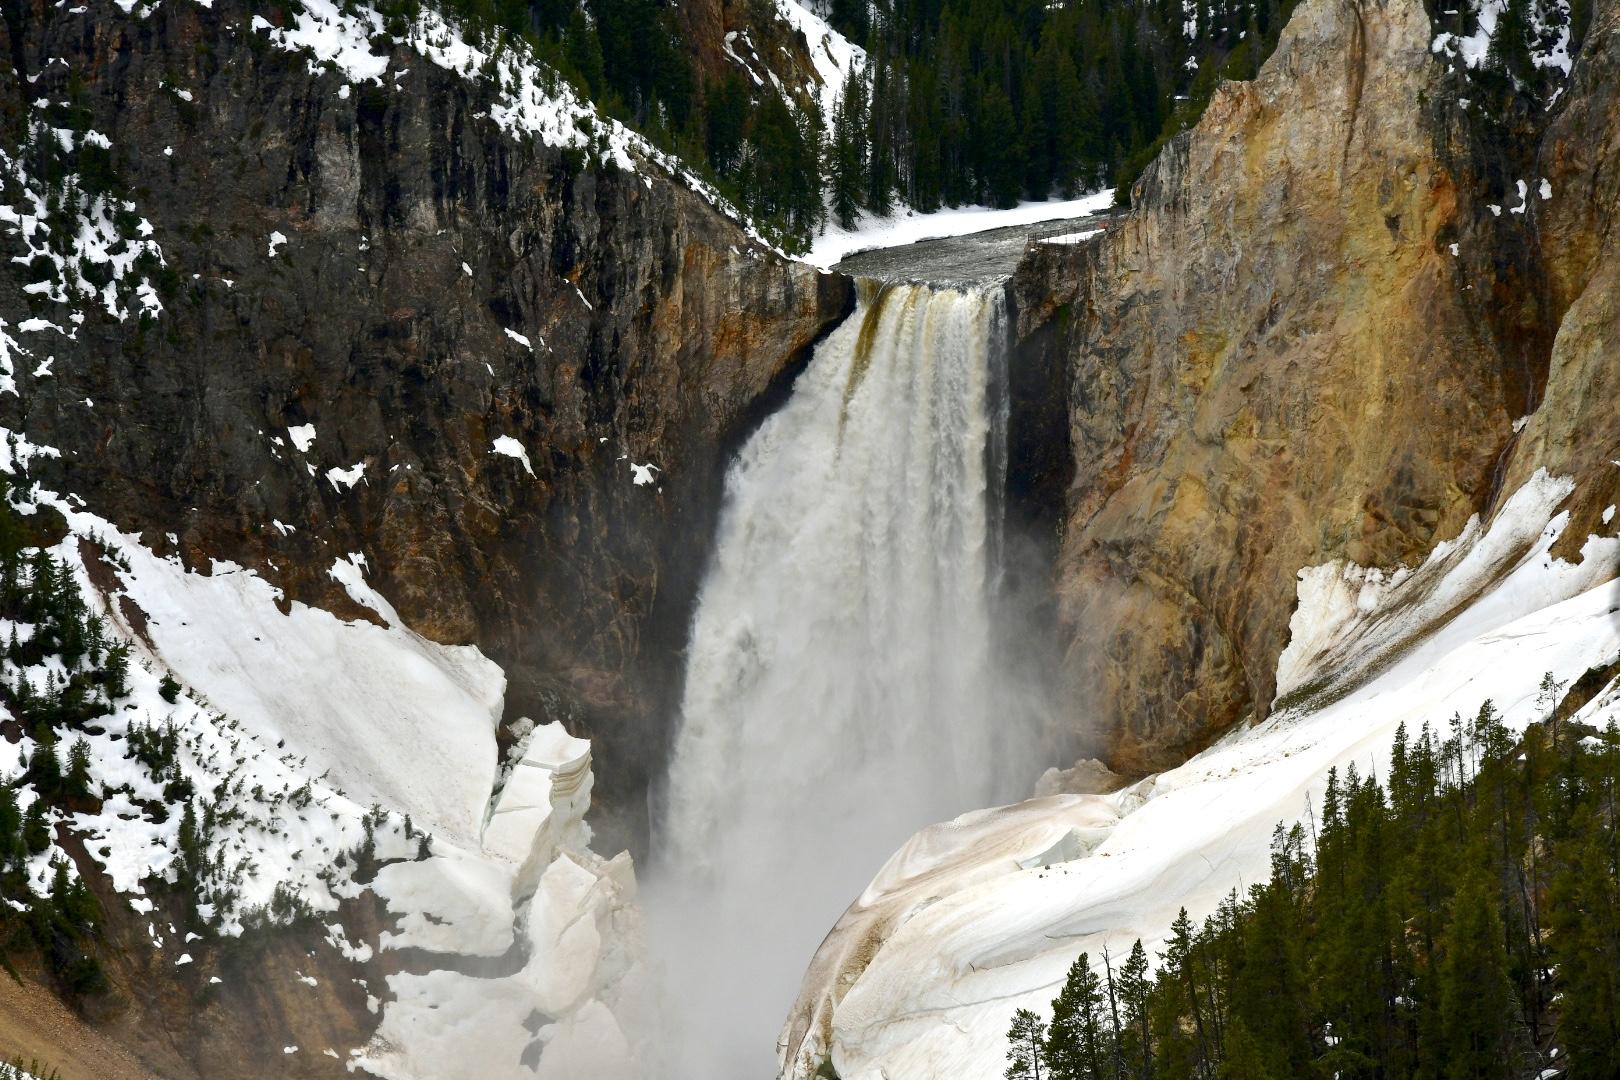 An Wasserfall, der an ockerfarbenen Felsen herunterstürzt, lösen sich Schneebretter links und rechts des Wasserfalls fast auf und stürzen jeden Moment auch in die Tiefe